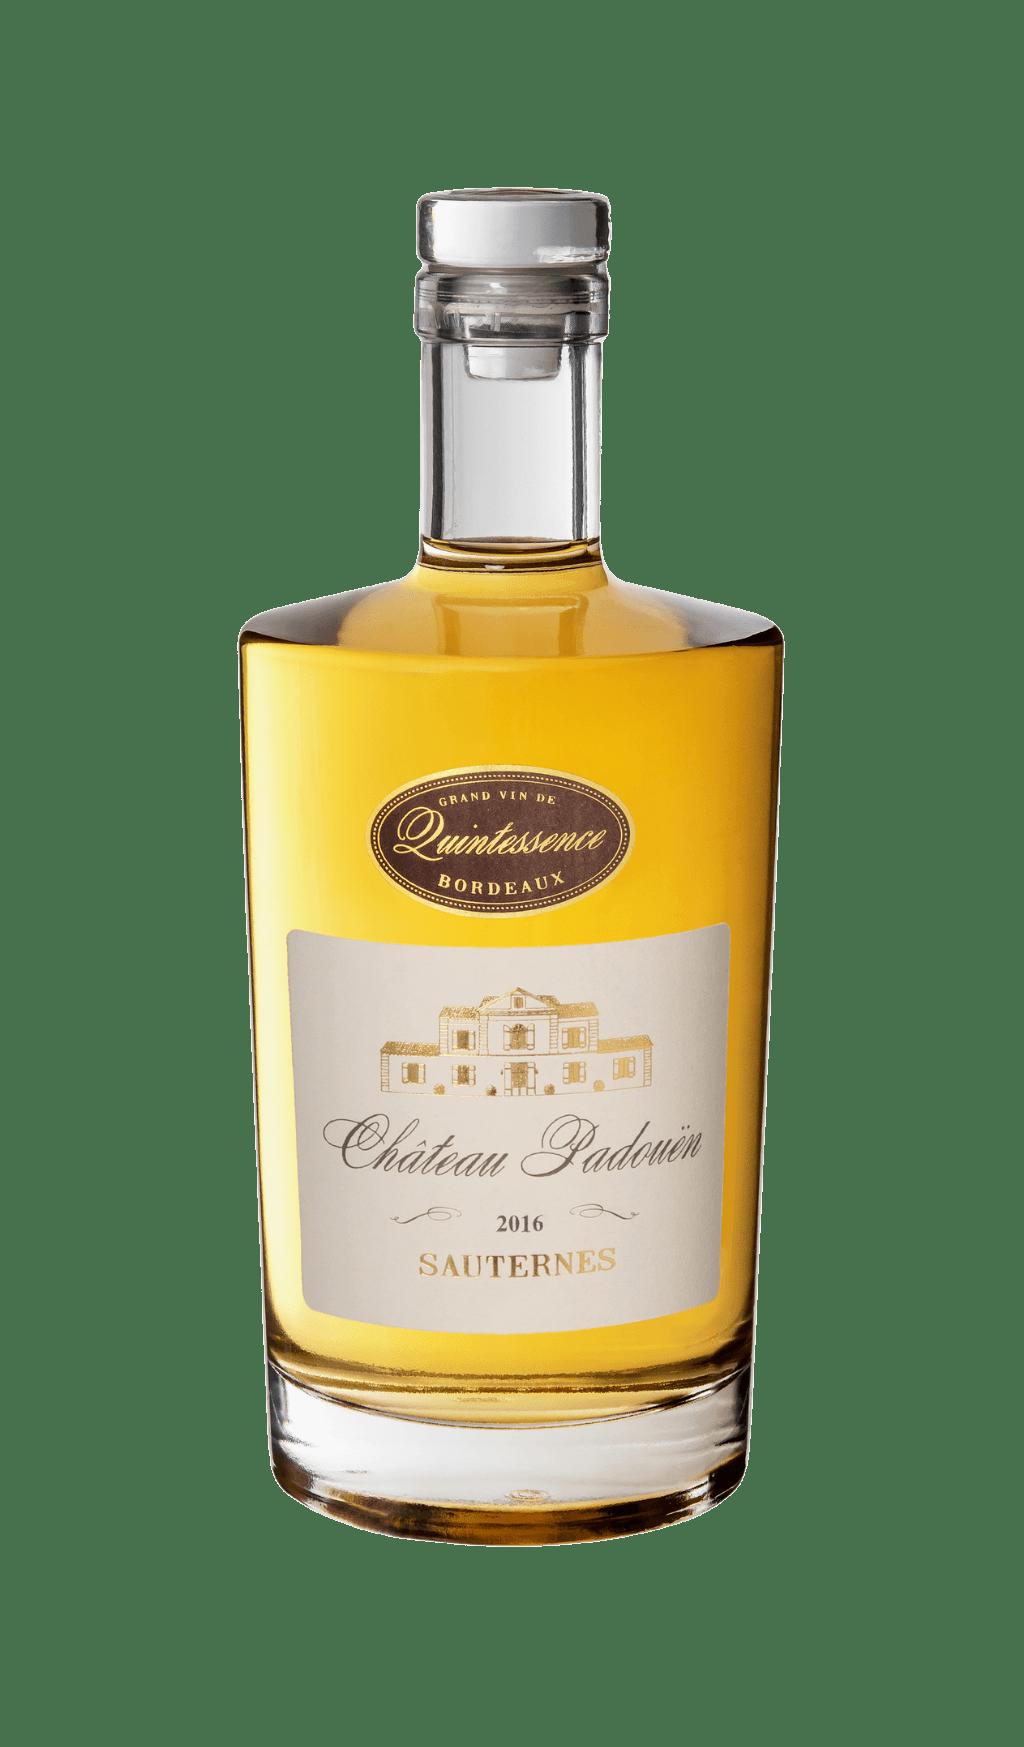 Bouteille de vin : Château Padouen 2018 Sauternes du Château d'Arche